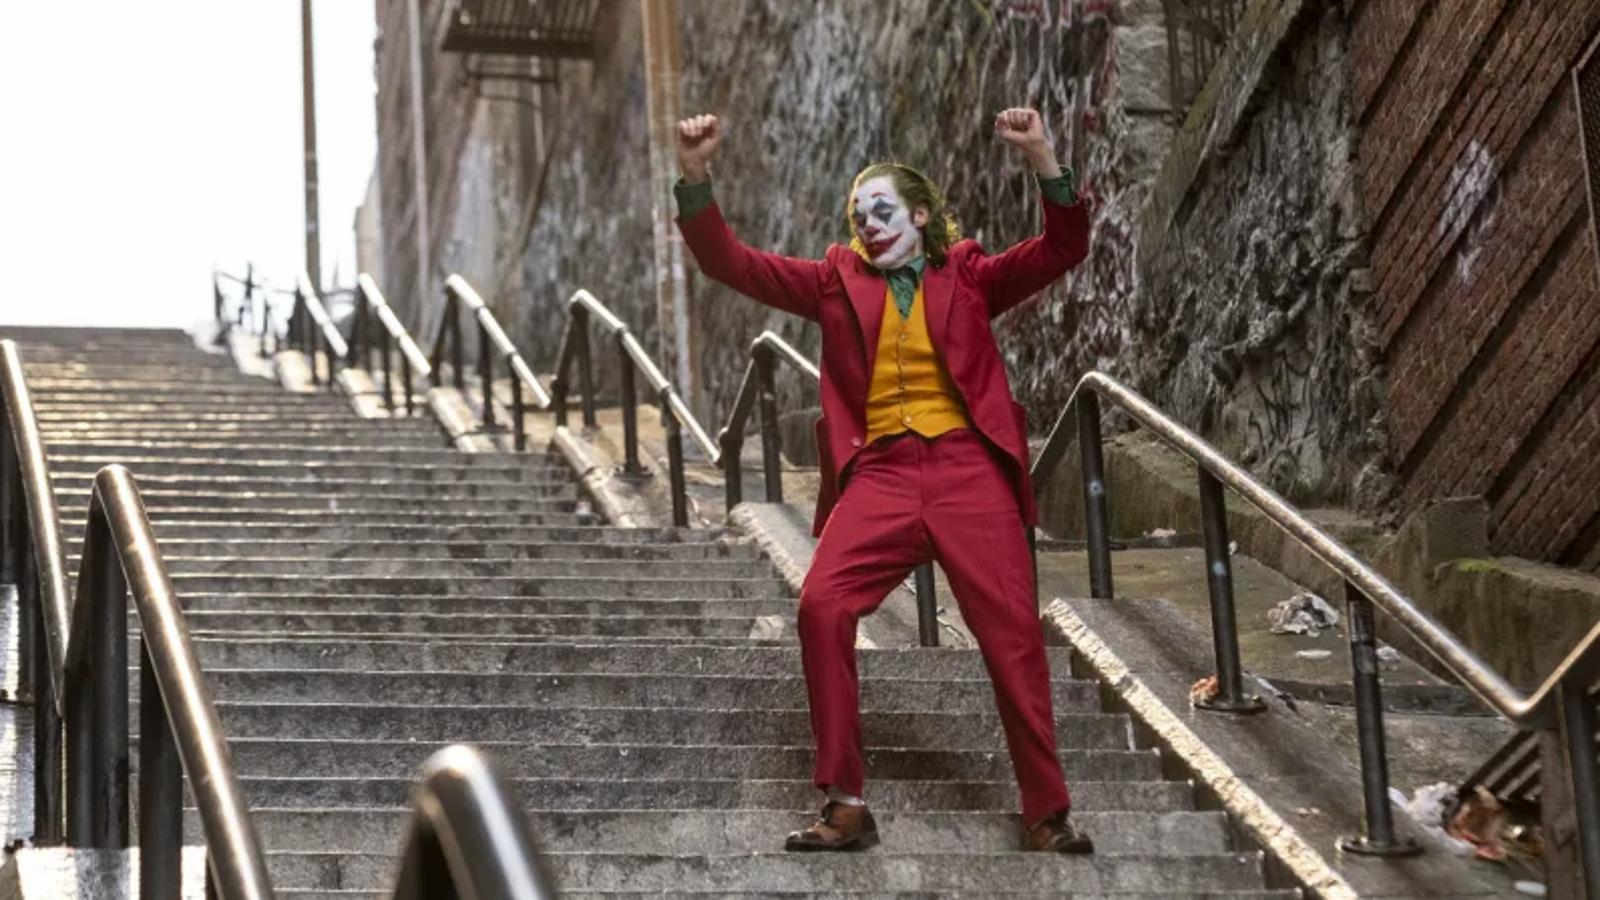 Kết quả hình ảnh cho joker 2019 dancing